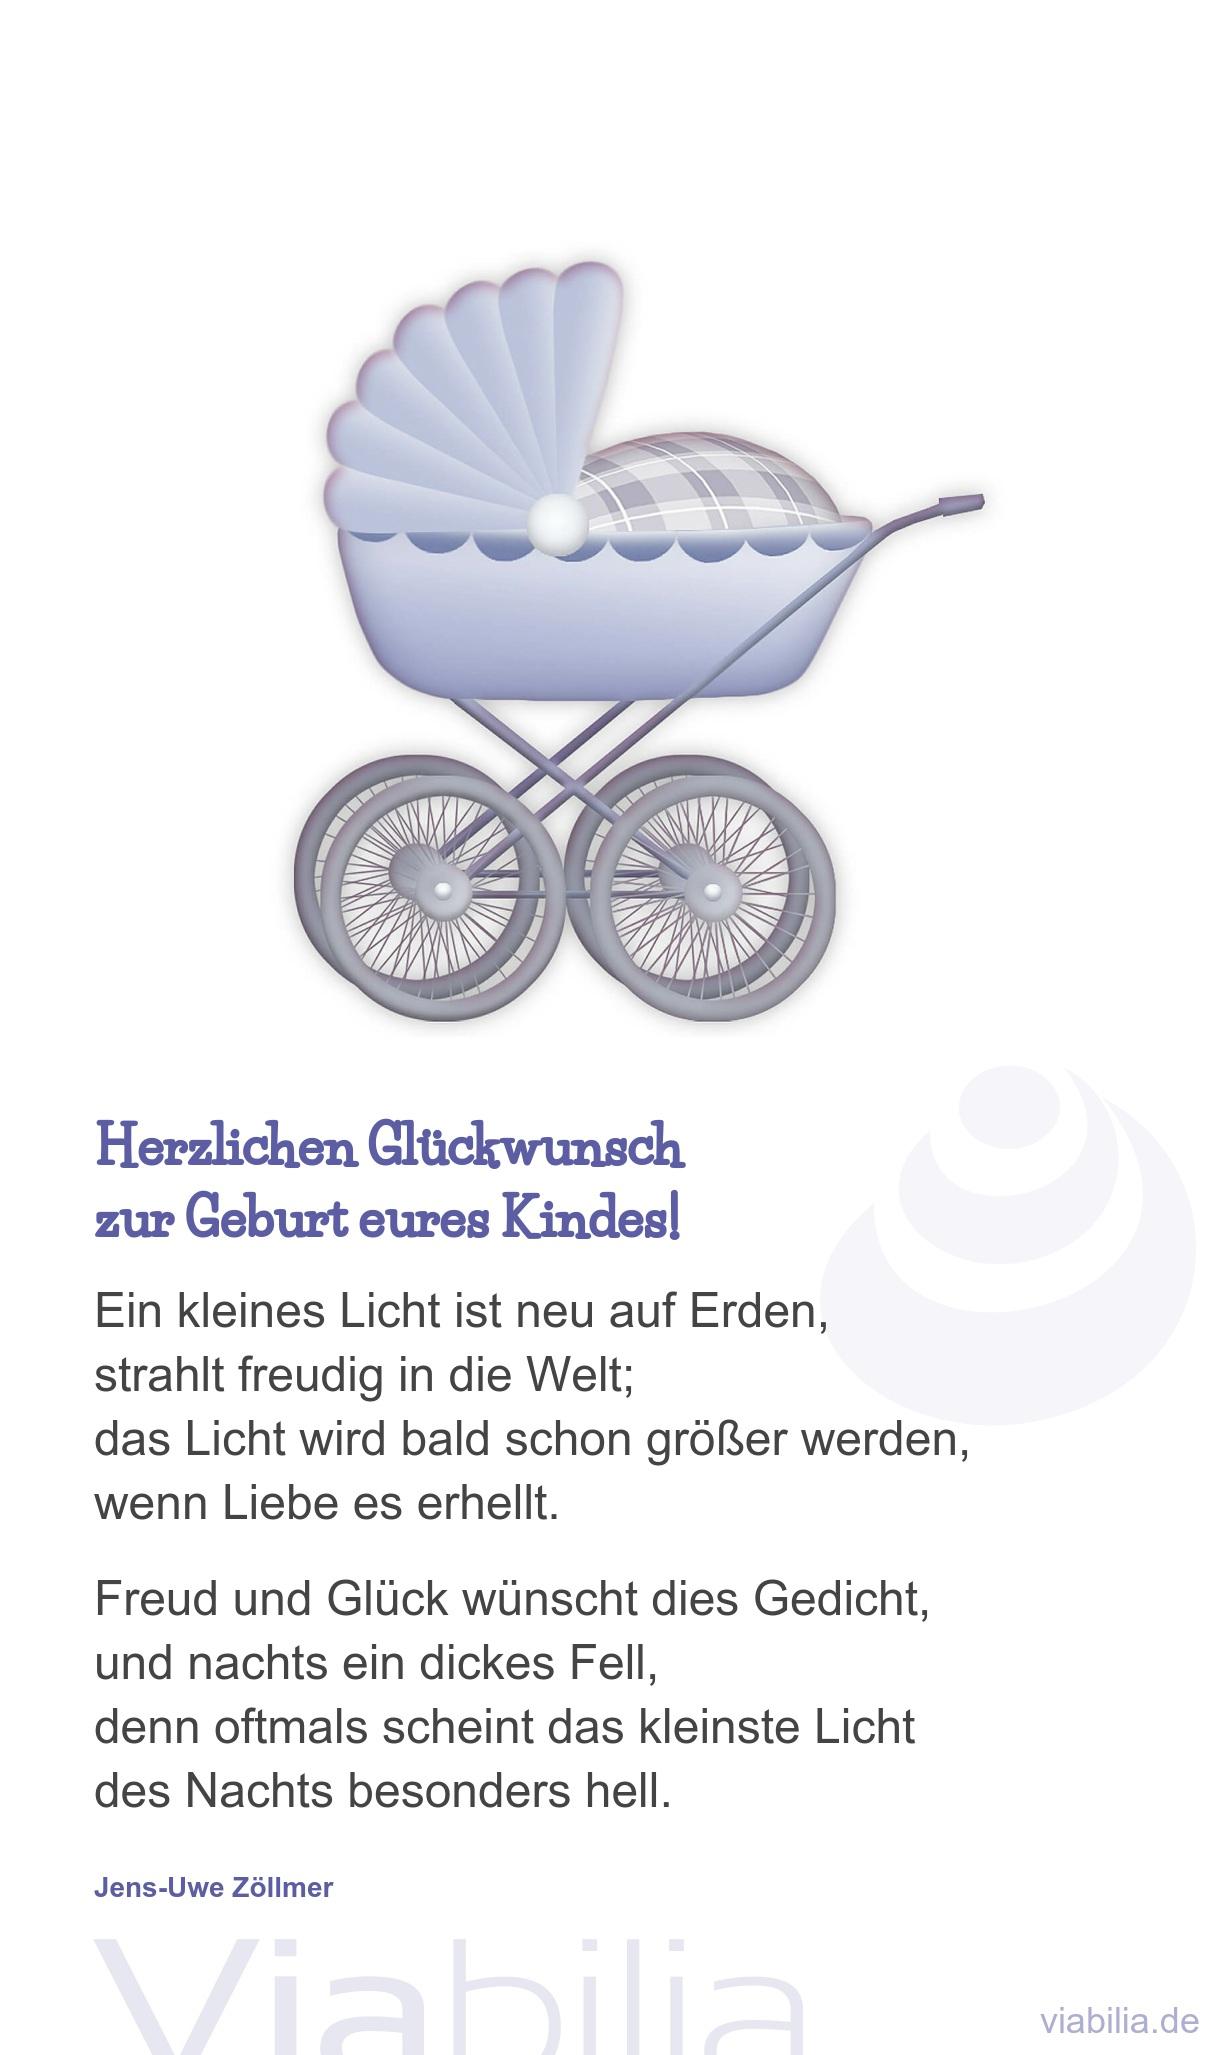 Herzlichen Glückwunsch Zur Geburt Eures Kindes ganzes Glückwunschsprüche Zur Geburt Eines Kindes